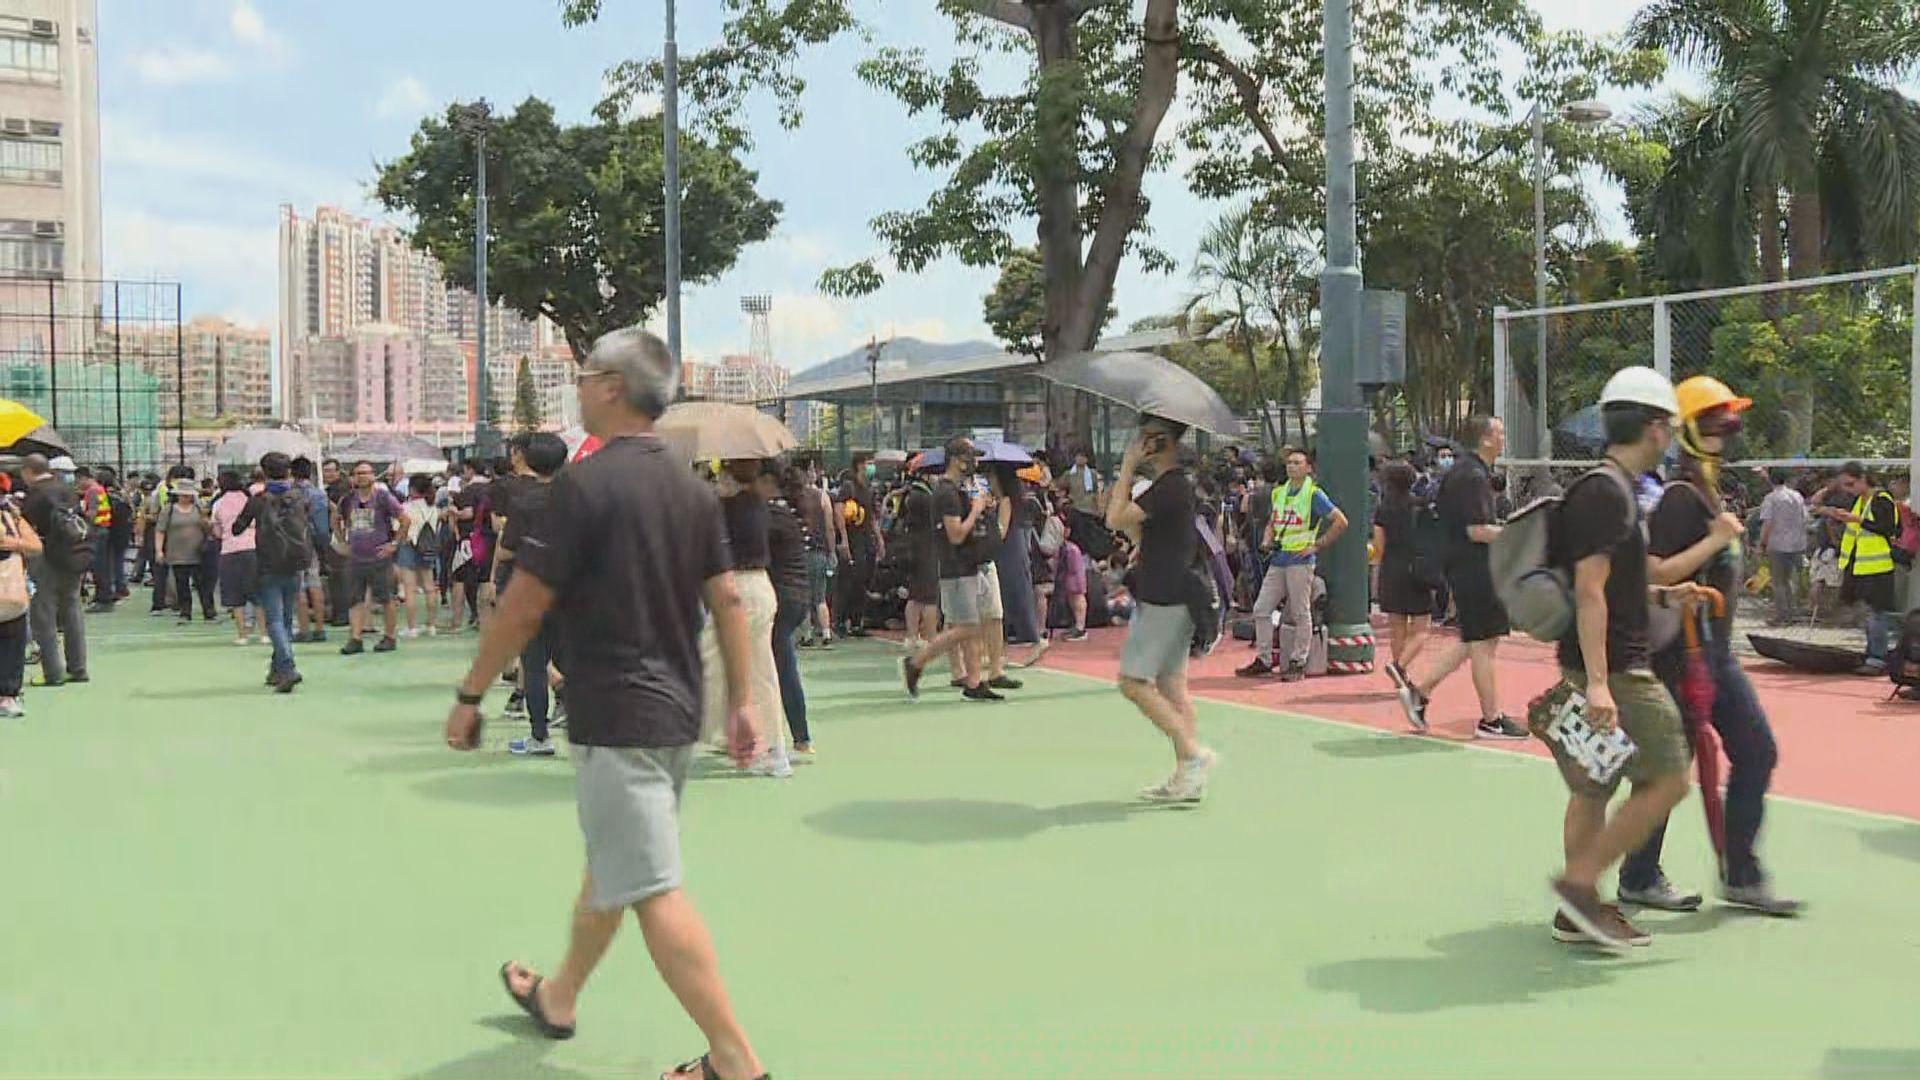 【元朗抗議】水邊村遊樂場有大批市民聚集